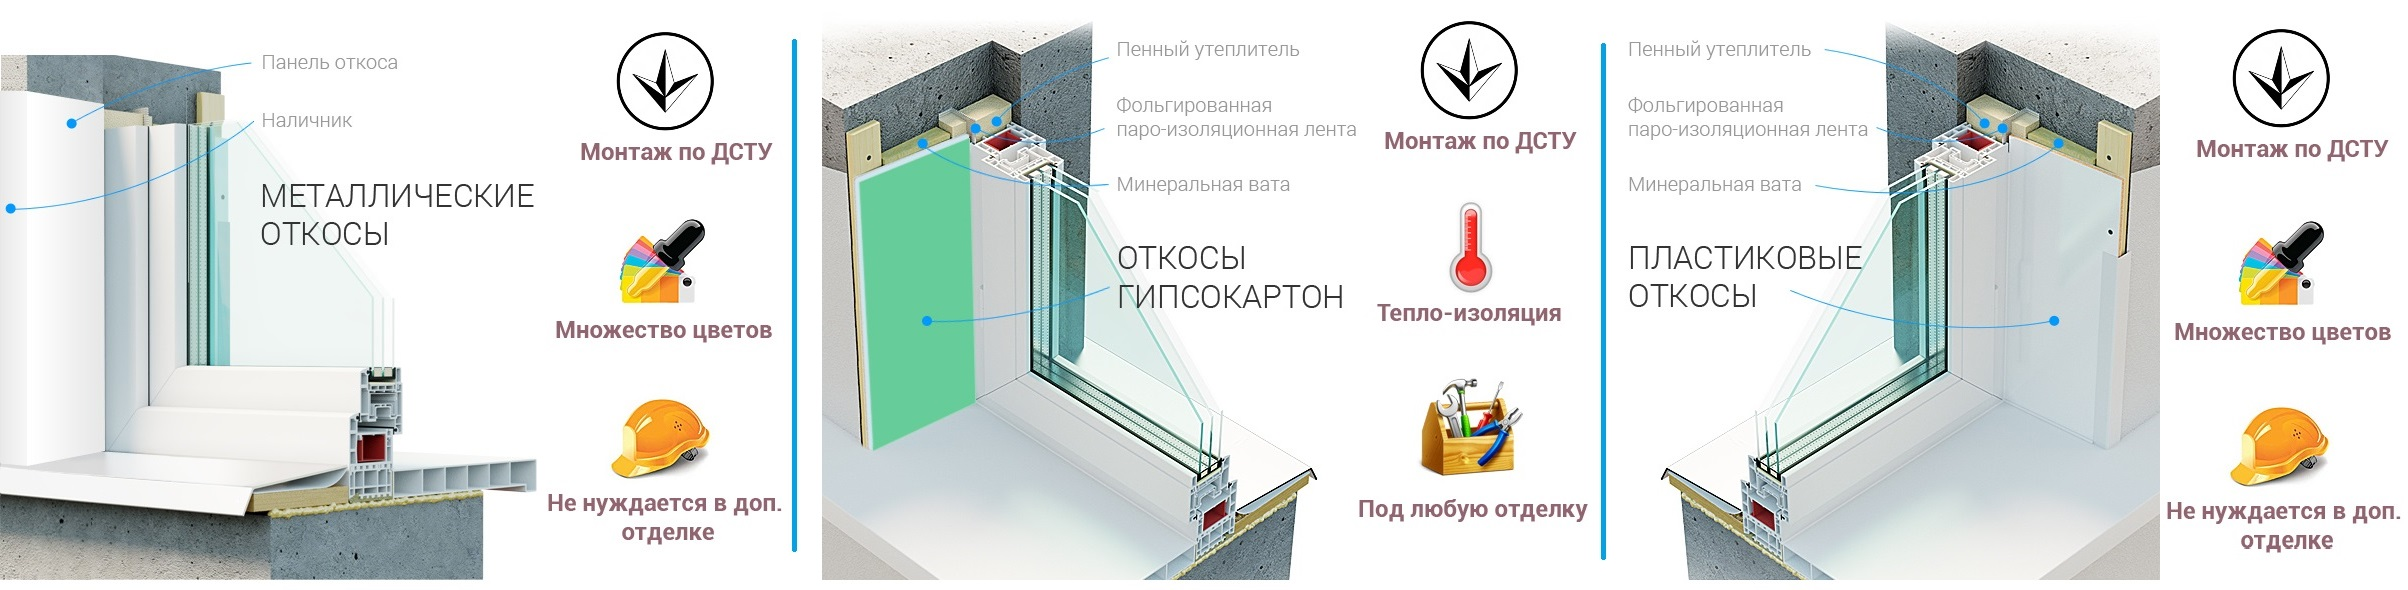 металлопластиковые окна цена донецк